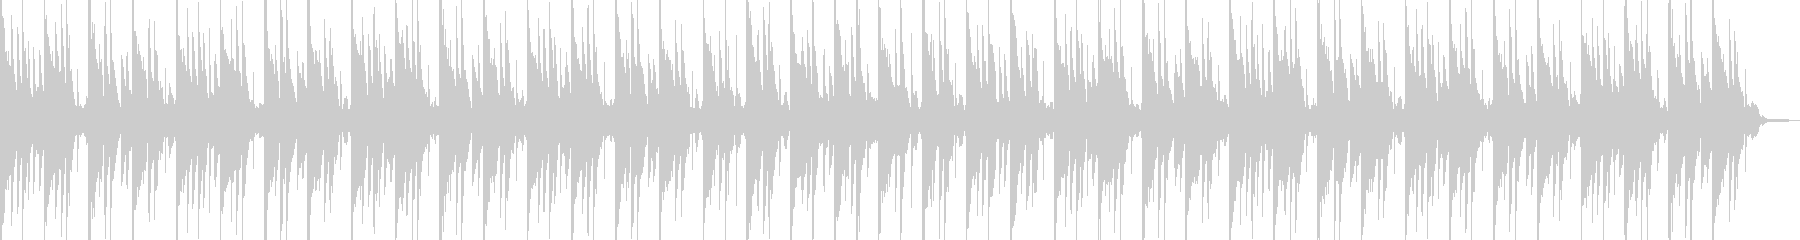 和風情緒豊かな旋律のヒーリングBGMの未再生の波形